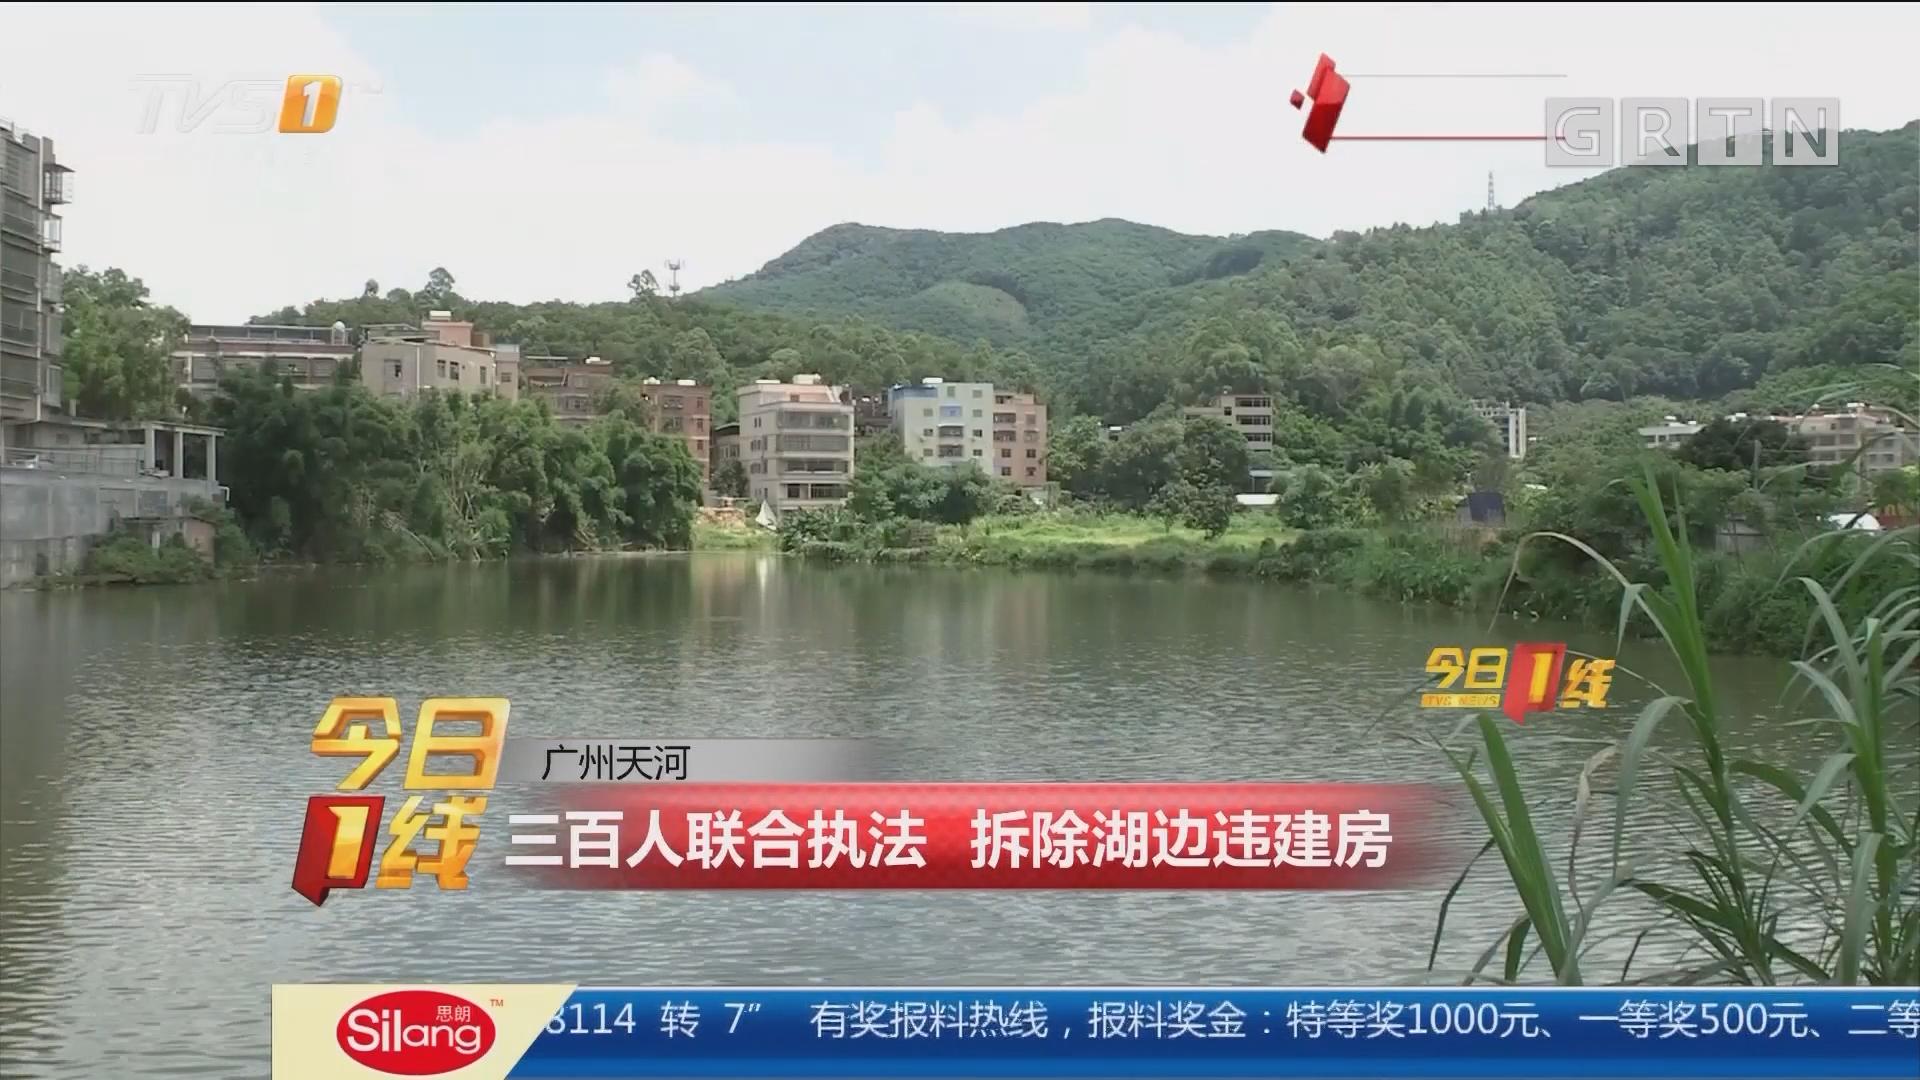 广州天河:三百人联合执法 拆除湖边违建房